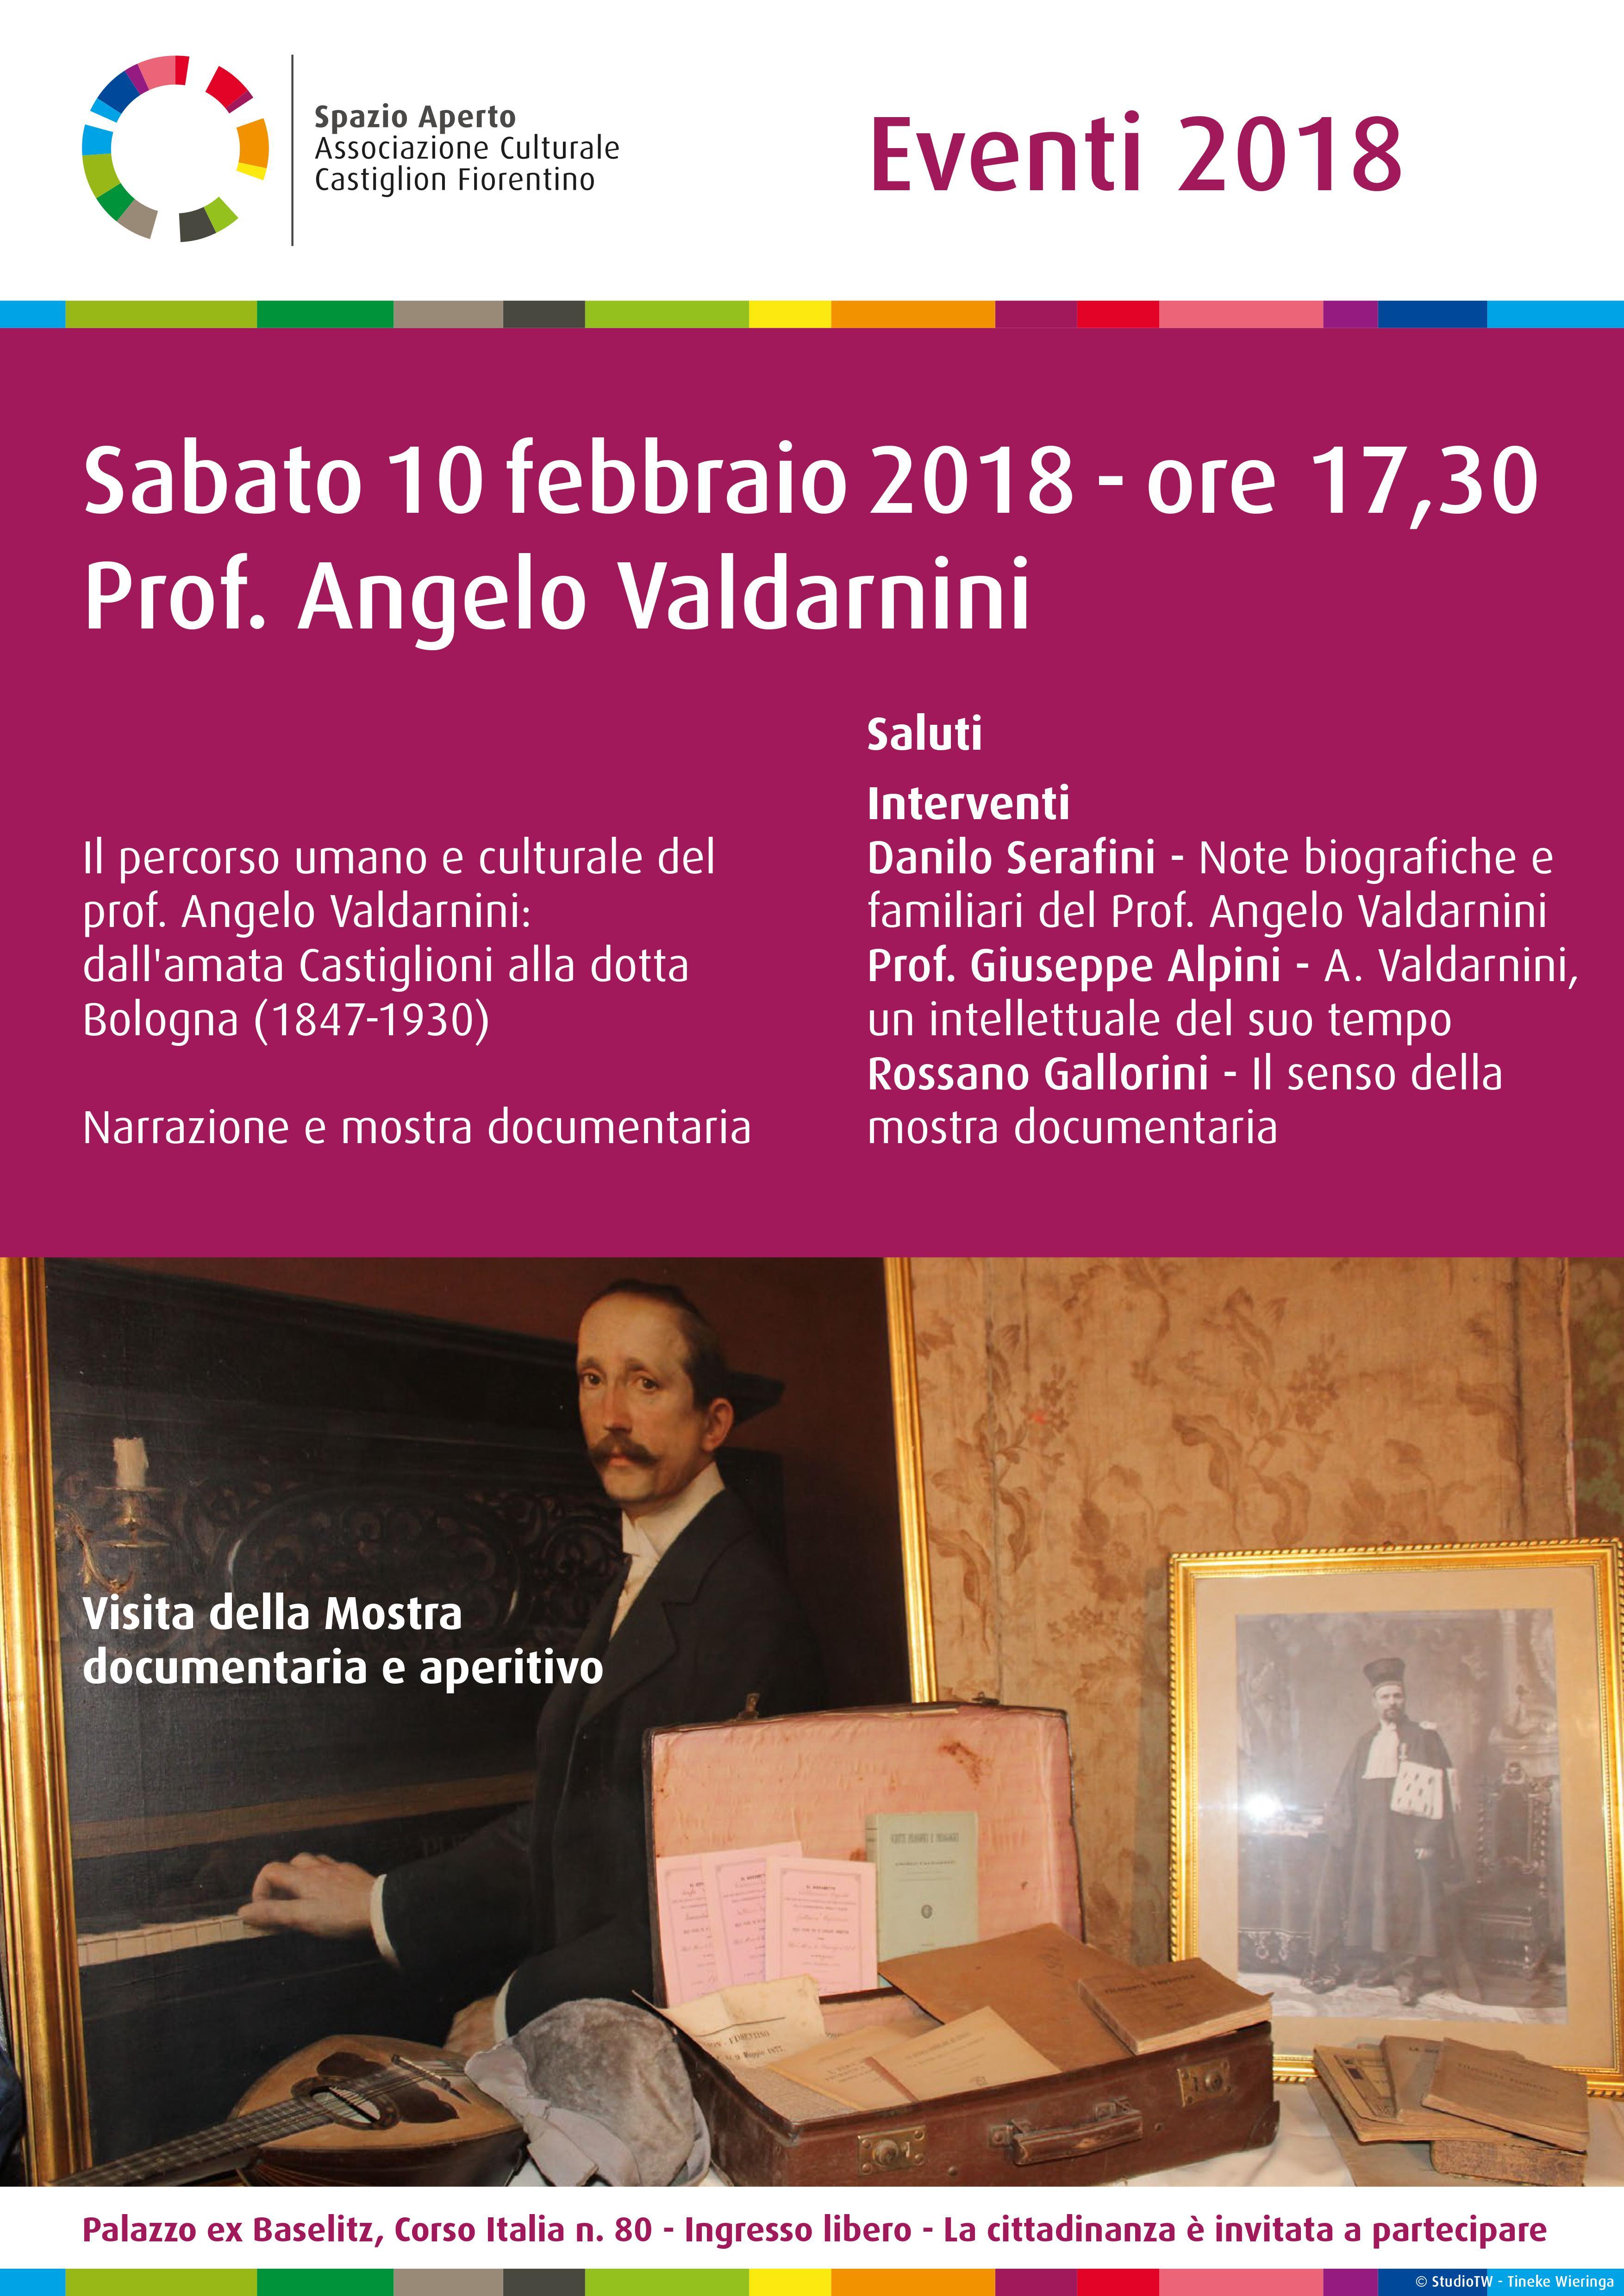 Spazio aperto festeggia un anno di attività ricordando Angelo Valdarnini